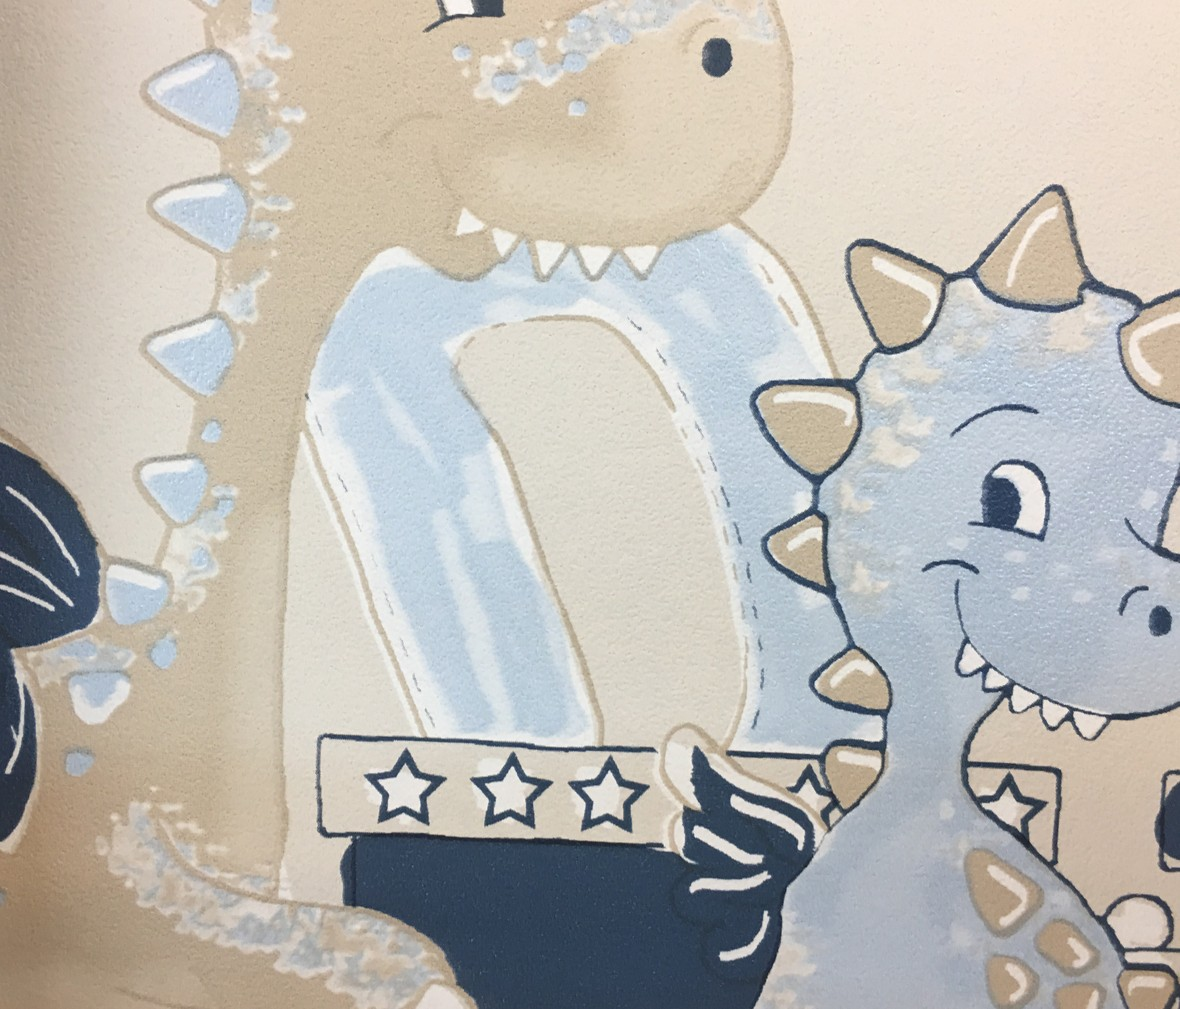 得高壁纸 萌宠之星系列2273型号壁纸 进口环保纯纸墙纸